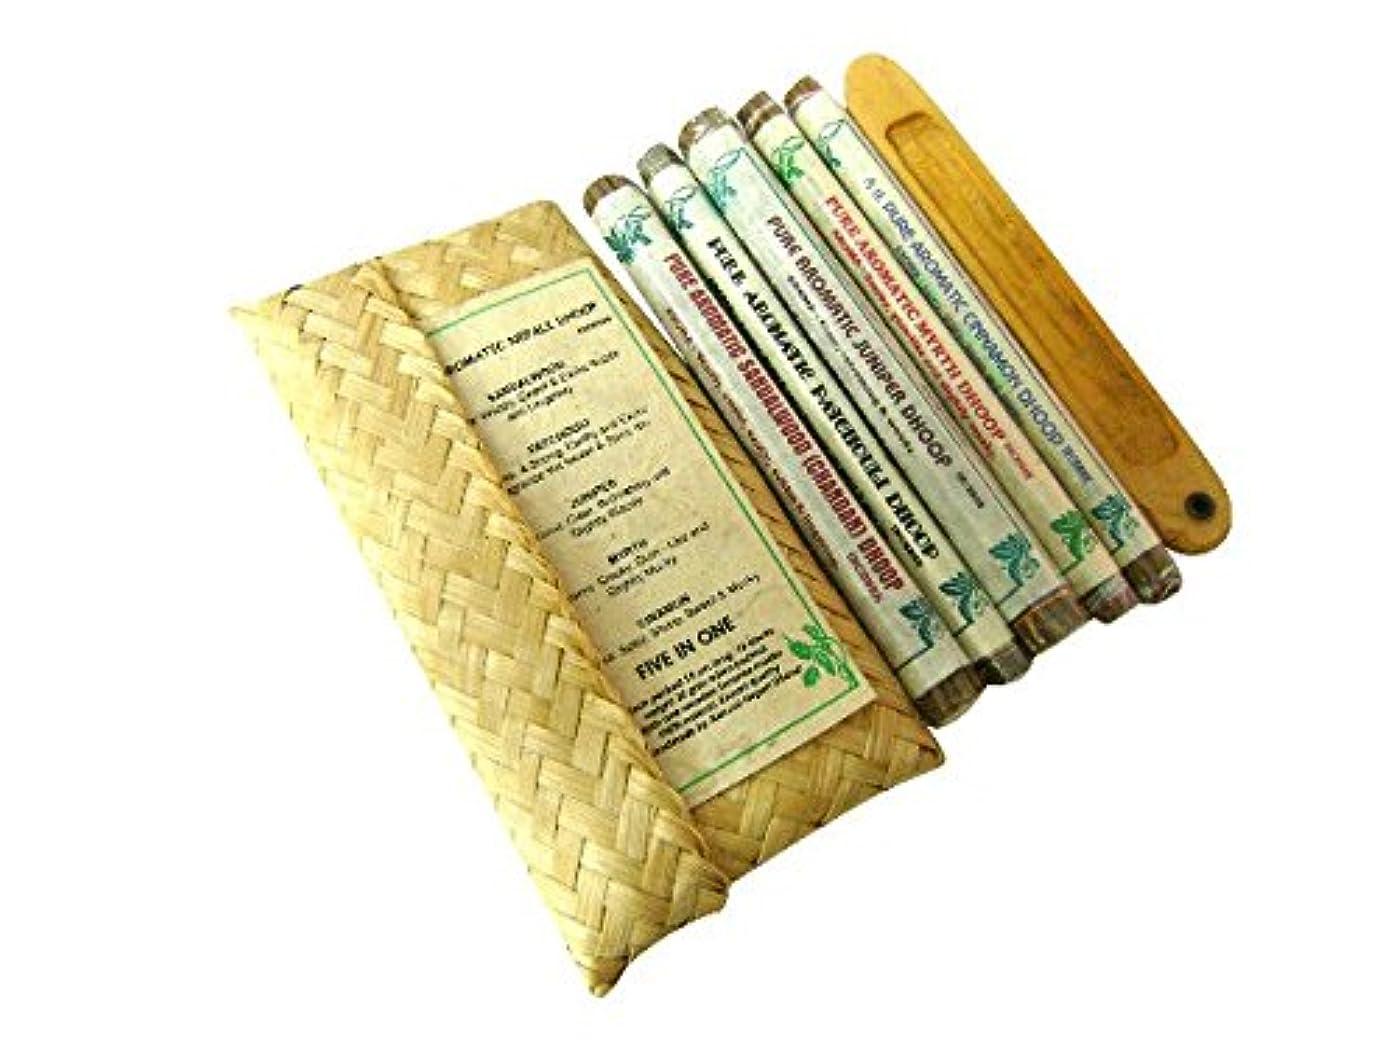 ペイント殺人者受動的アロマティックドープ ティックドープ【5 in one gift pack お香たて付】